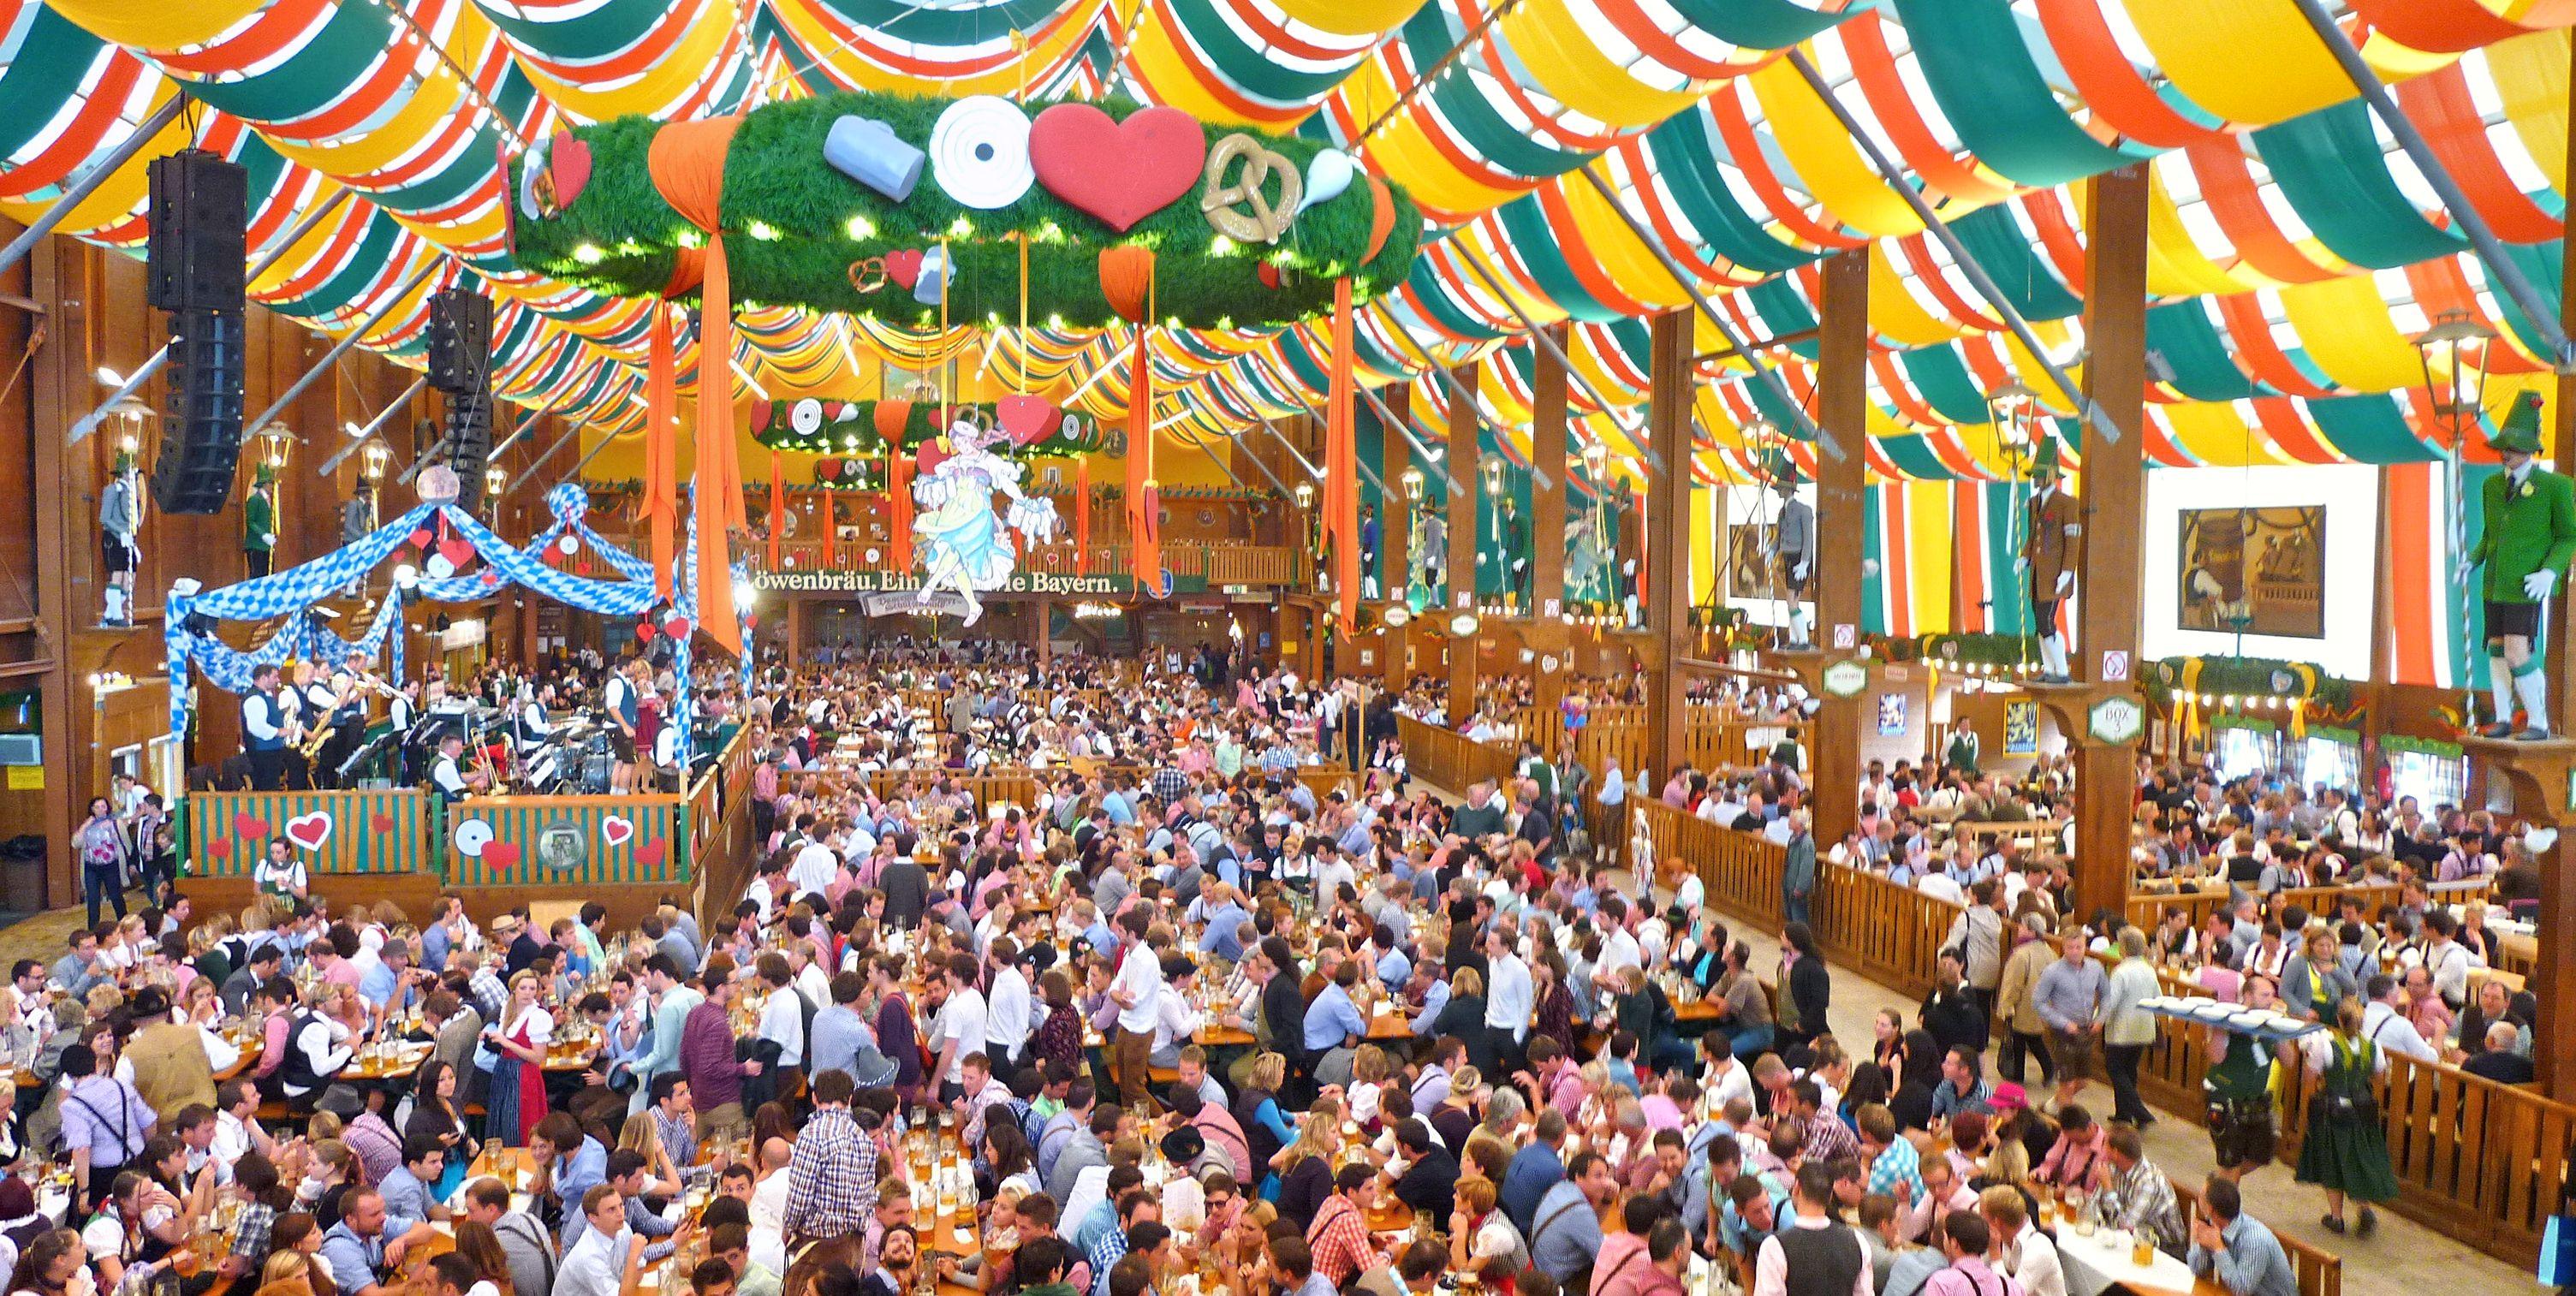 Октоберфест - международная масштабная пьянка, ежегодно проходящая на территории Германии